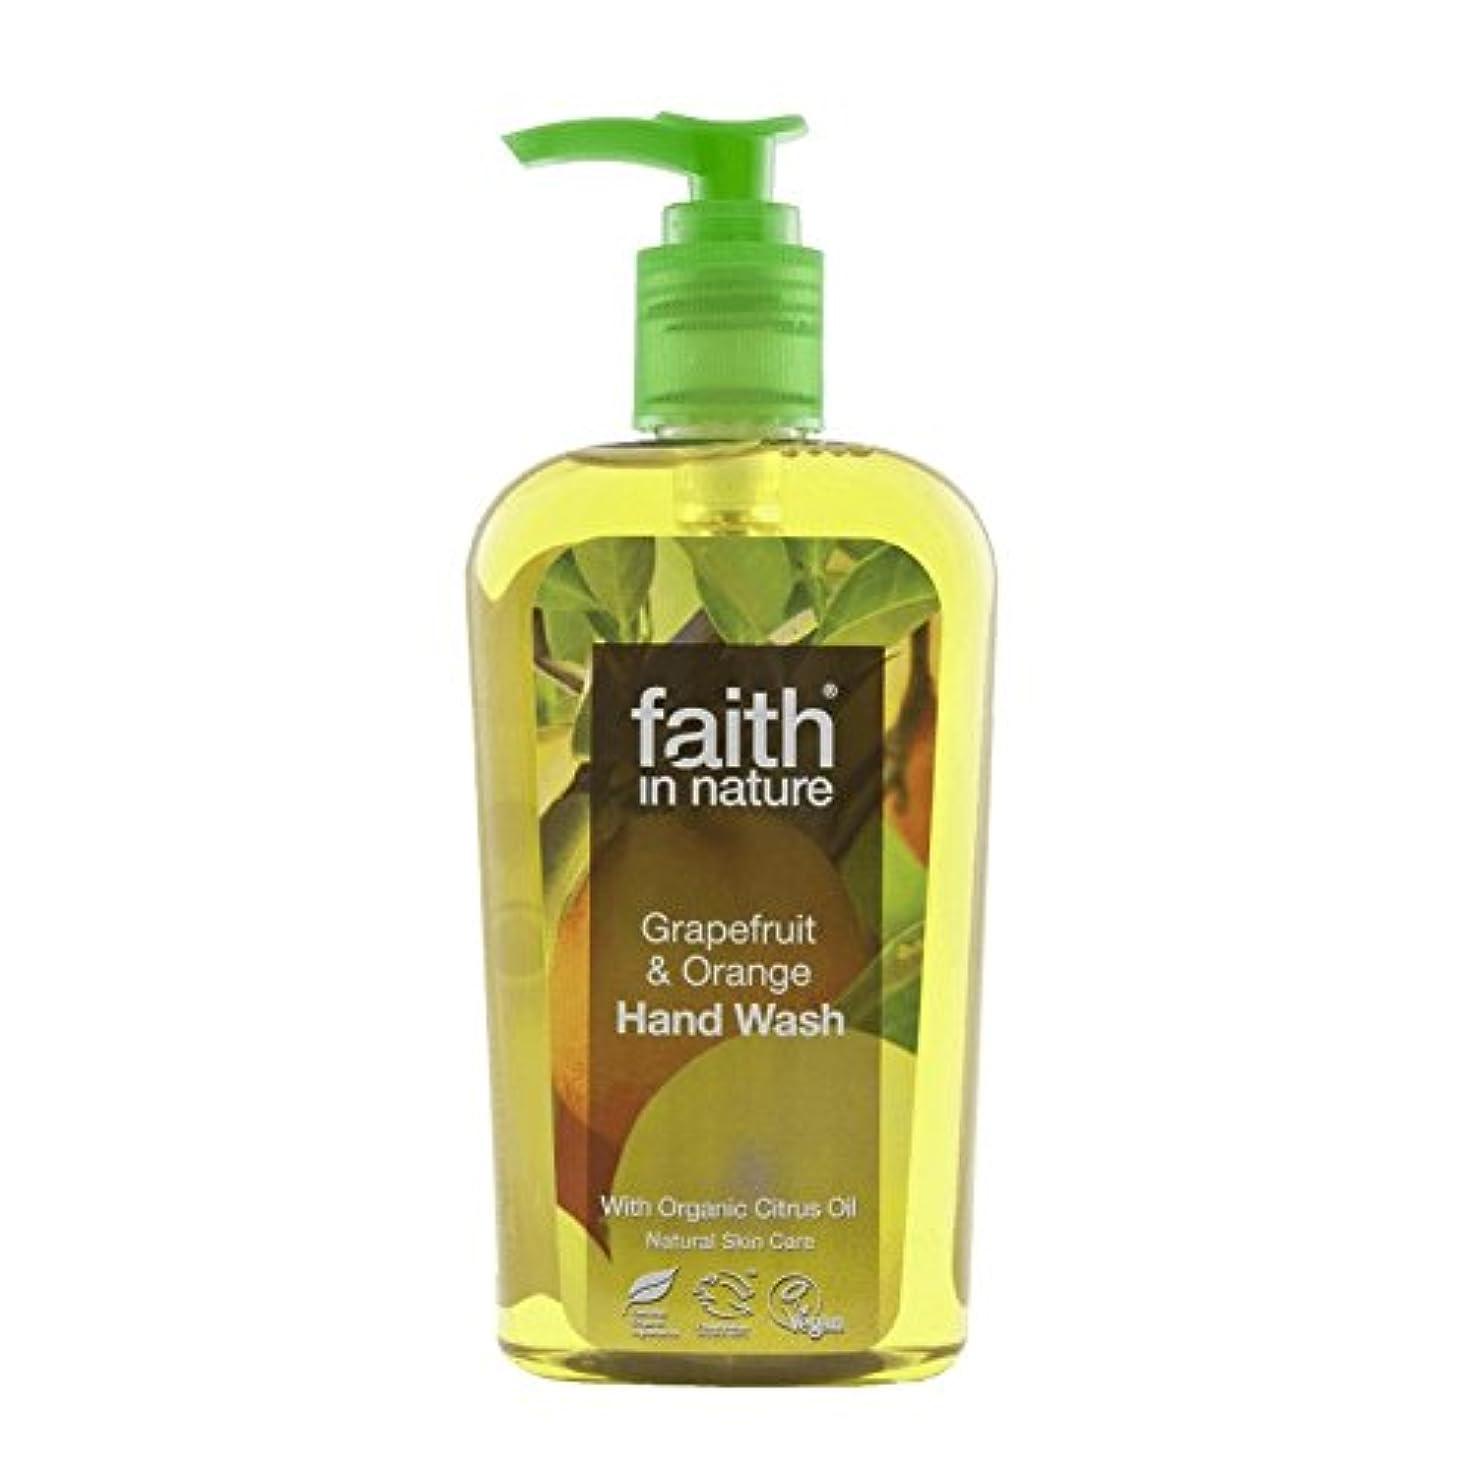 若さ個人的な石炭Faith In Nature Grapefruit & Orange Handwash 300ml (Pack of 2) - 自然グレープフルーツ&オレンジ手洗いの300ミリリットルの信仰 (x2) [並行輸入品]